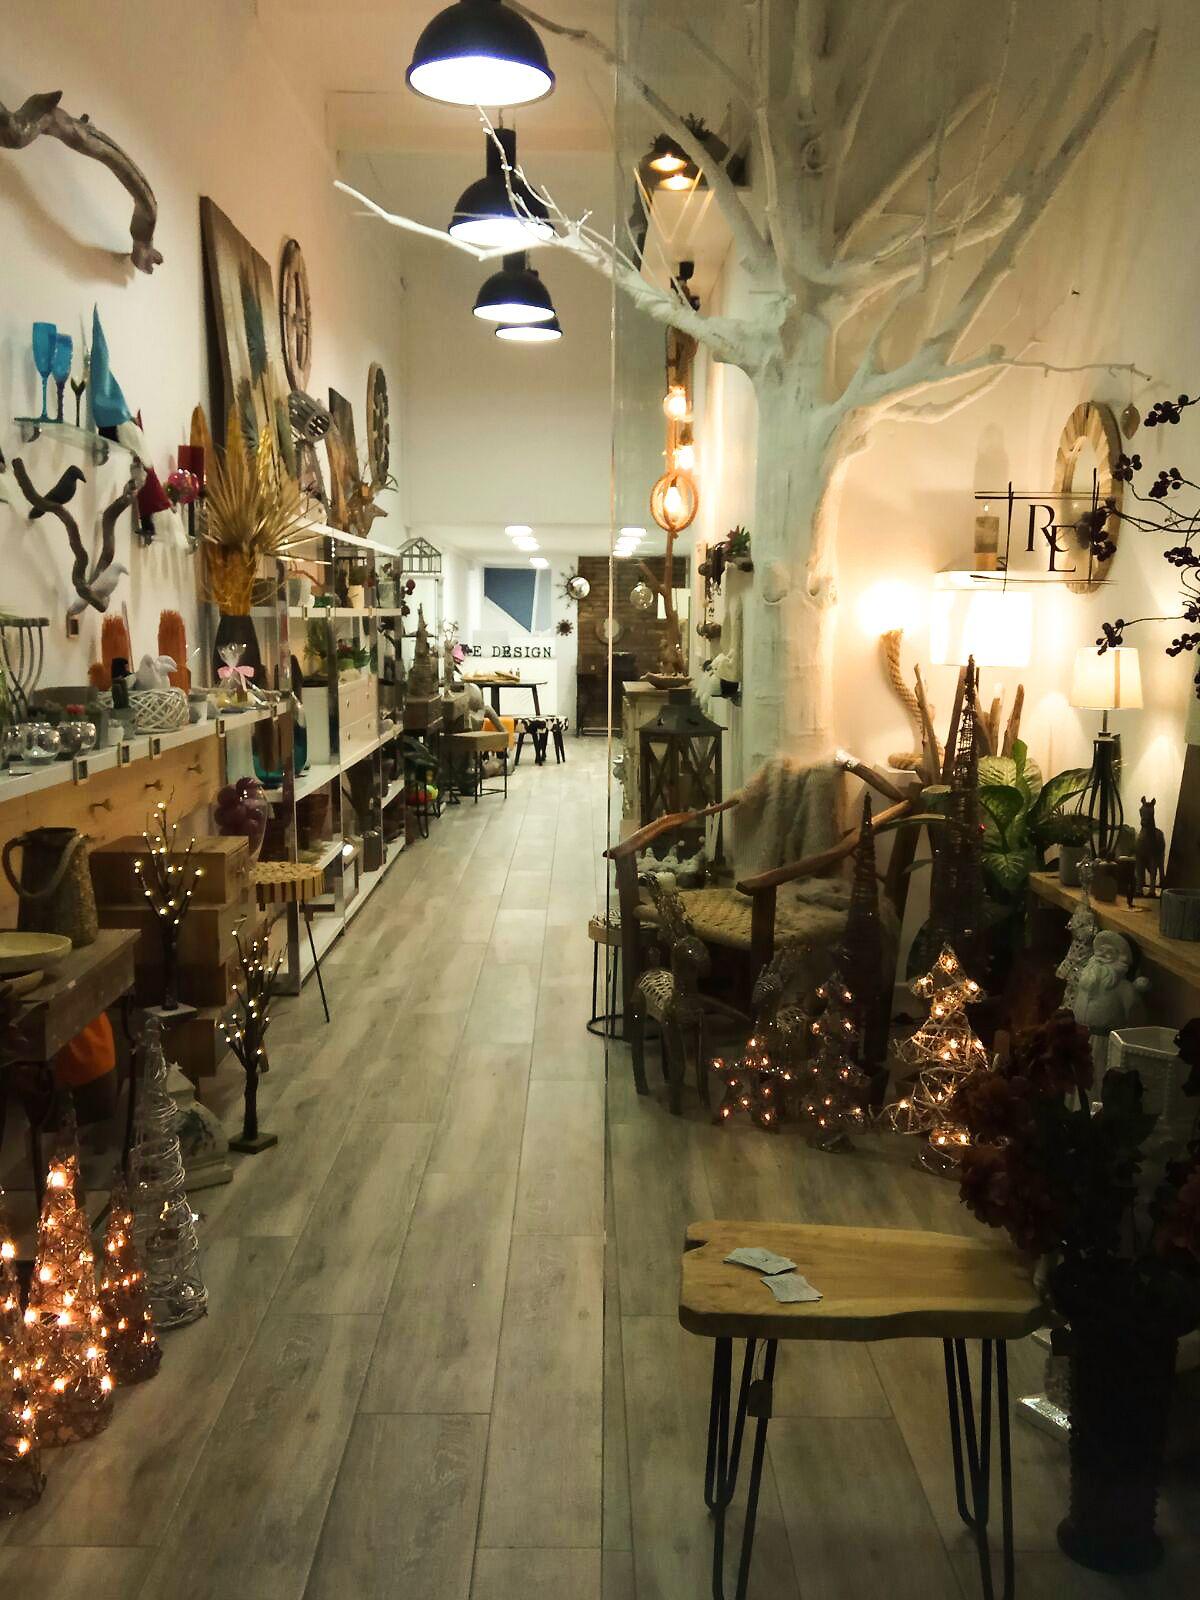 Tienda De Decoraci N Renovaci N De Muebles Y Artesan A  # Ideas Muebles Barcelona